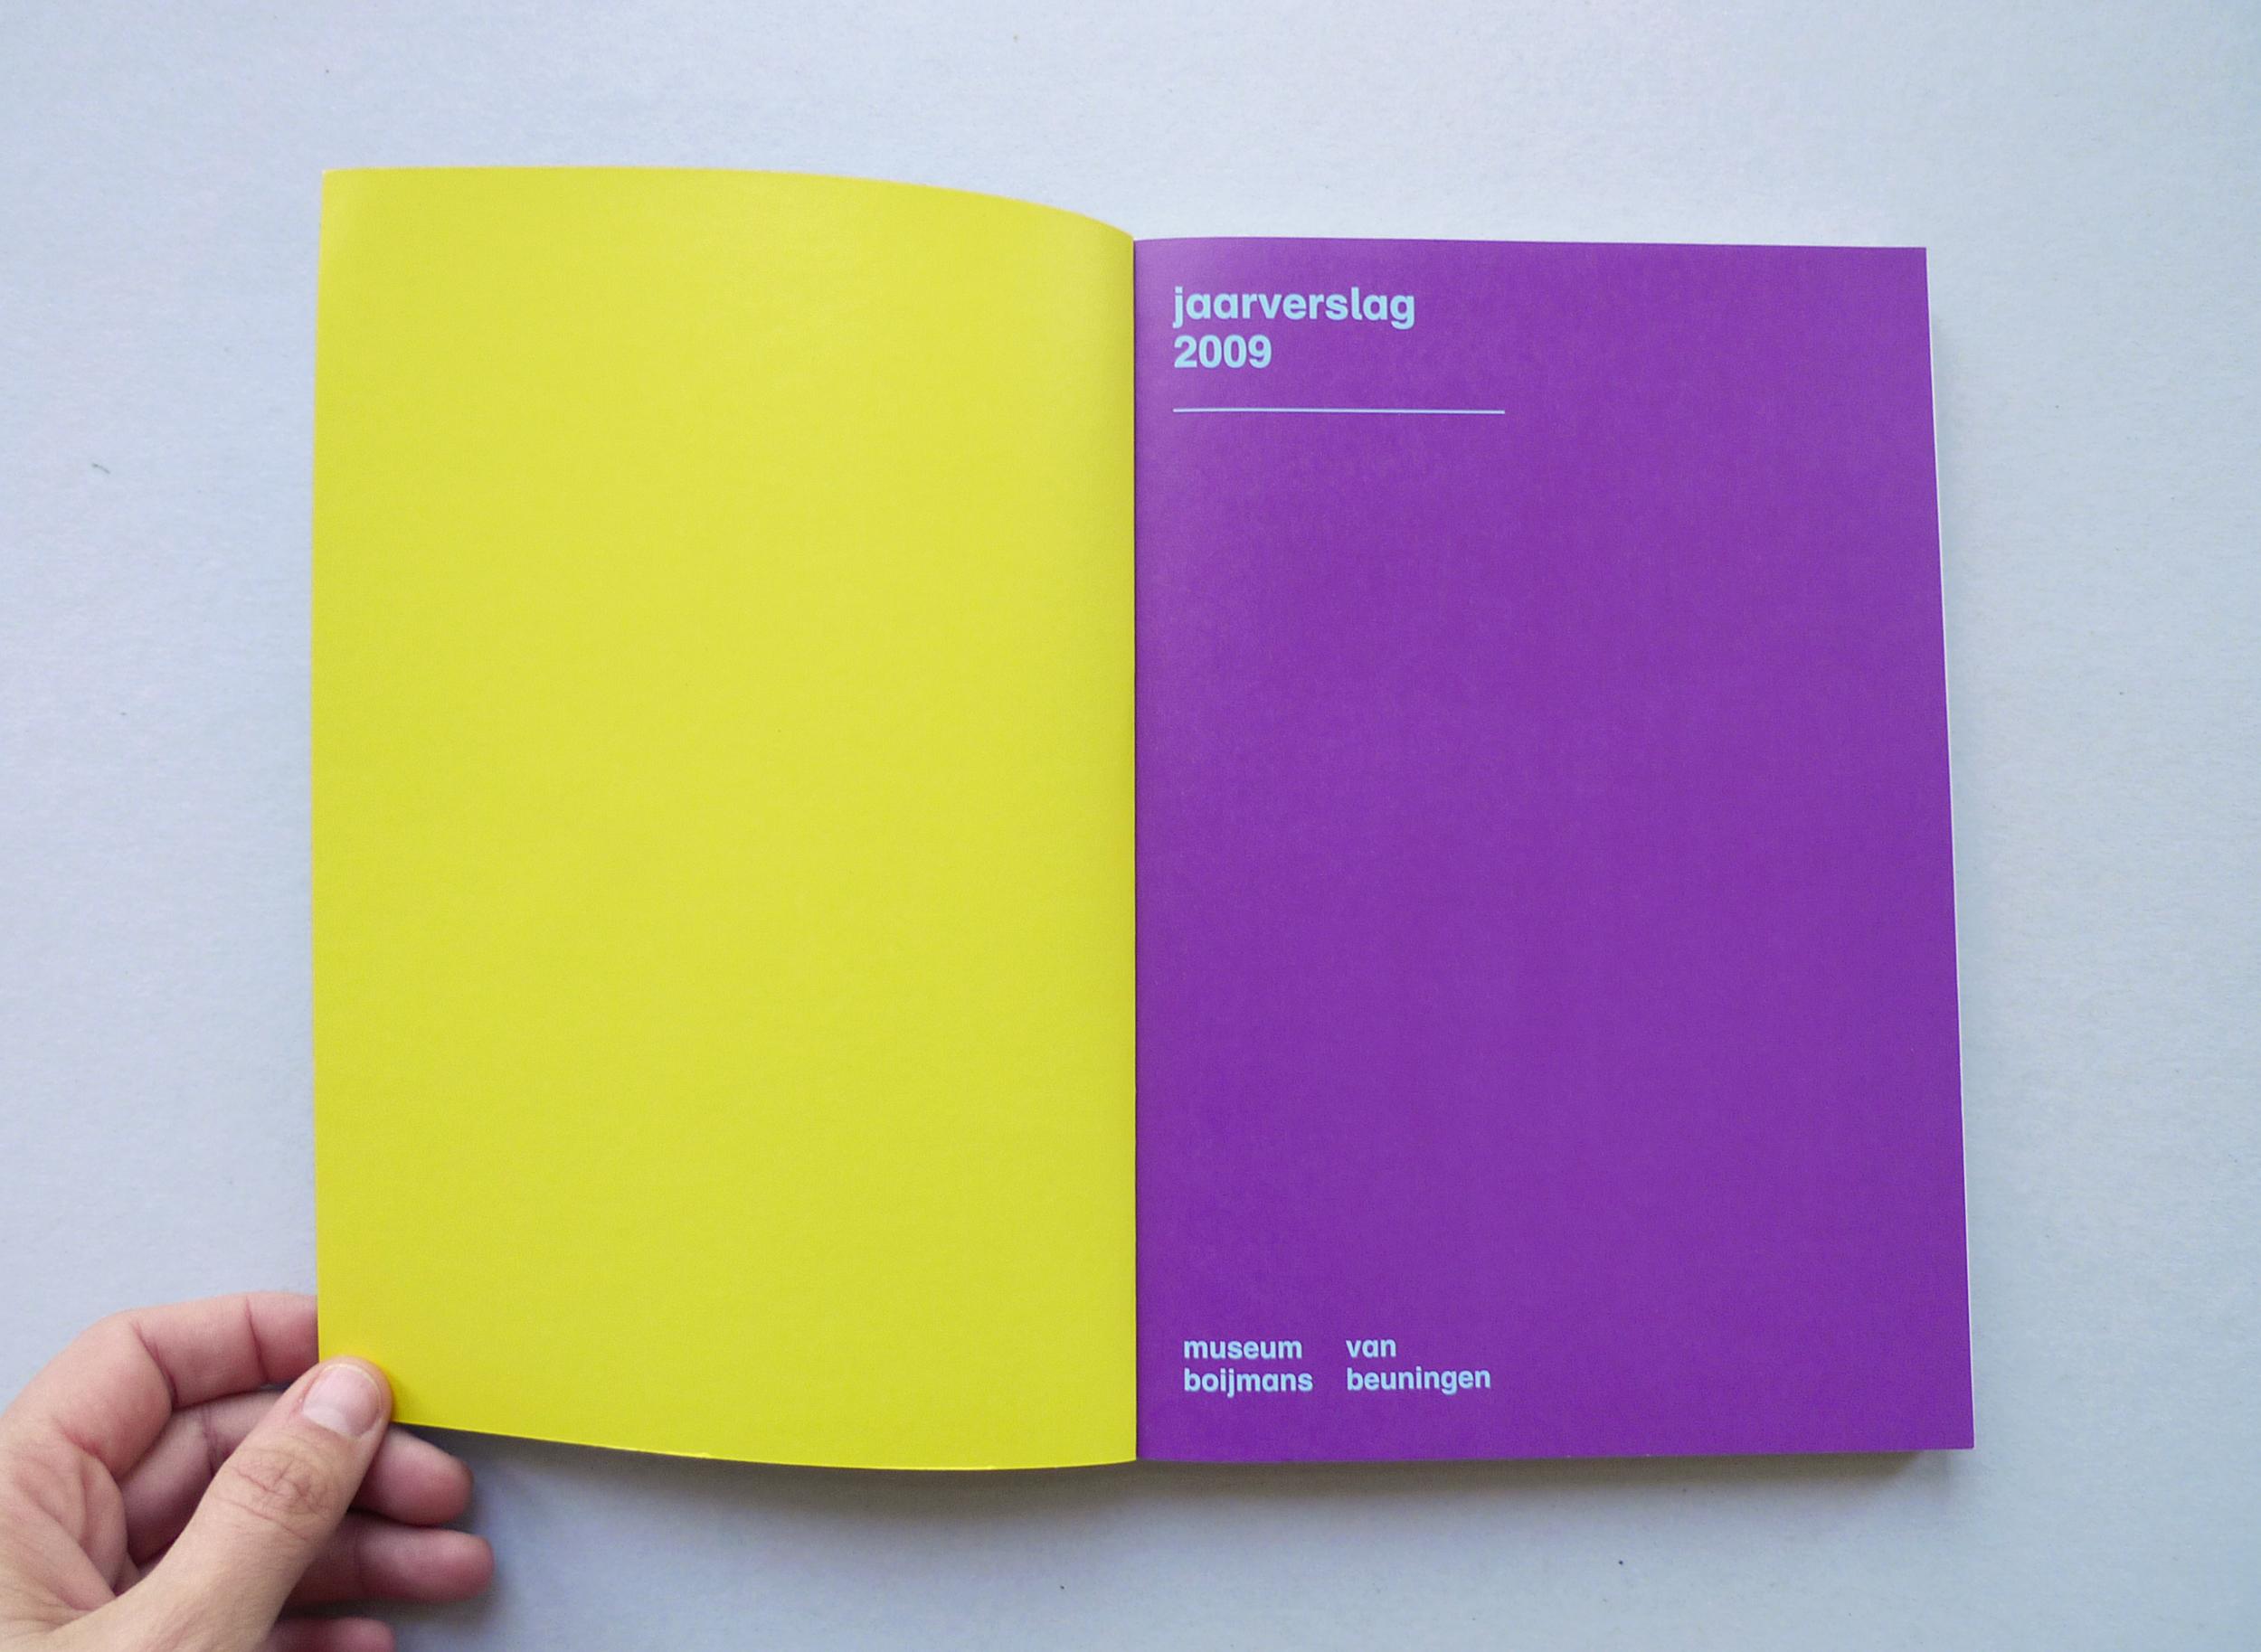 studio_colorado-boijmans_jaarverslagen-02